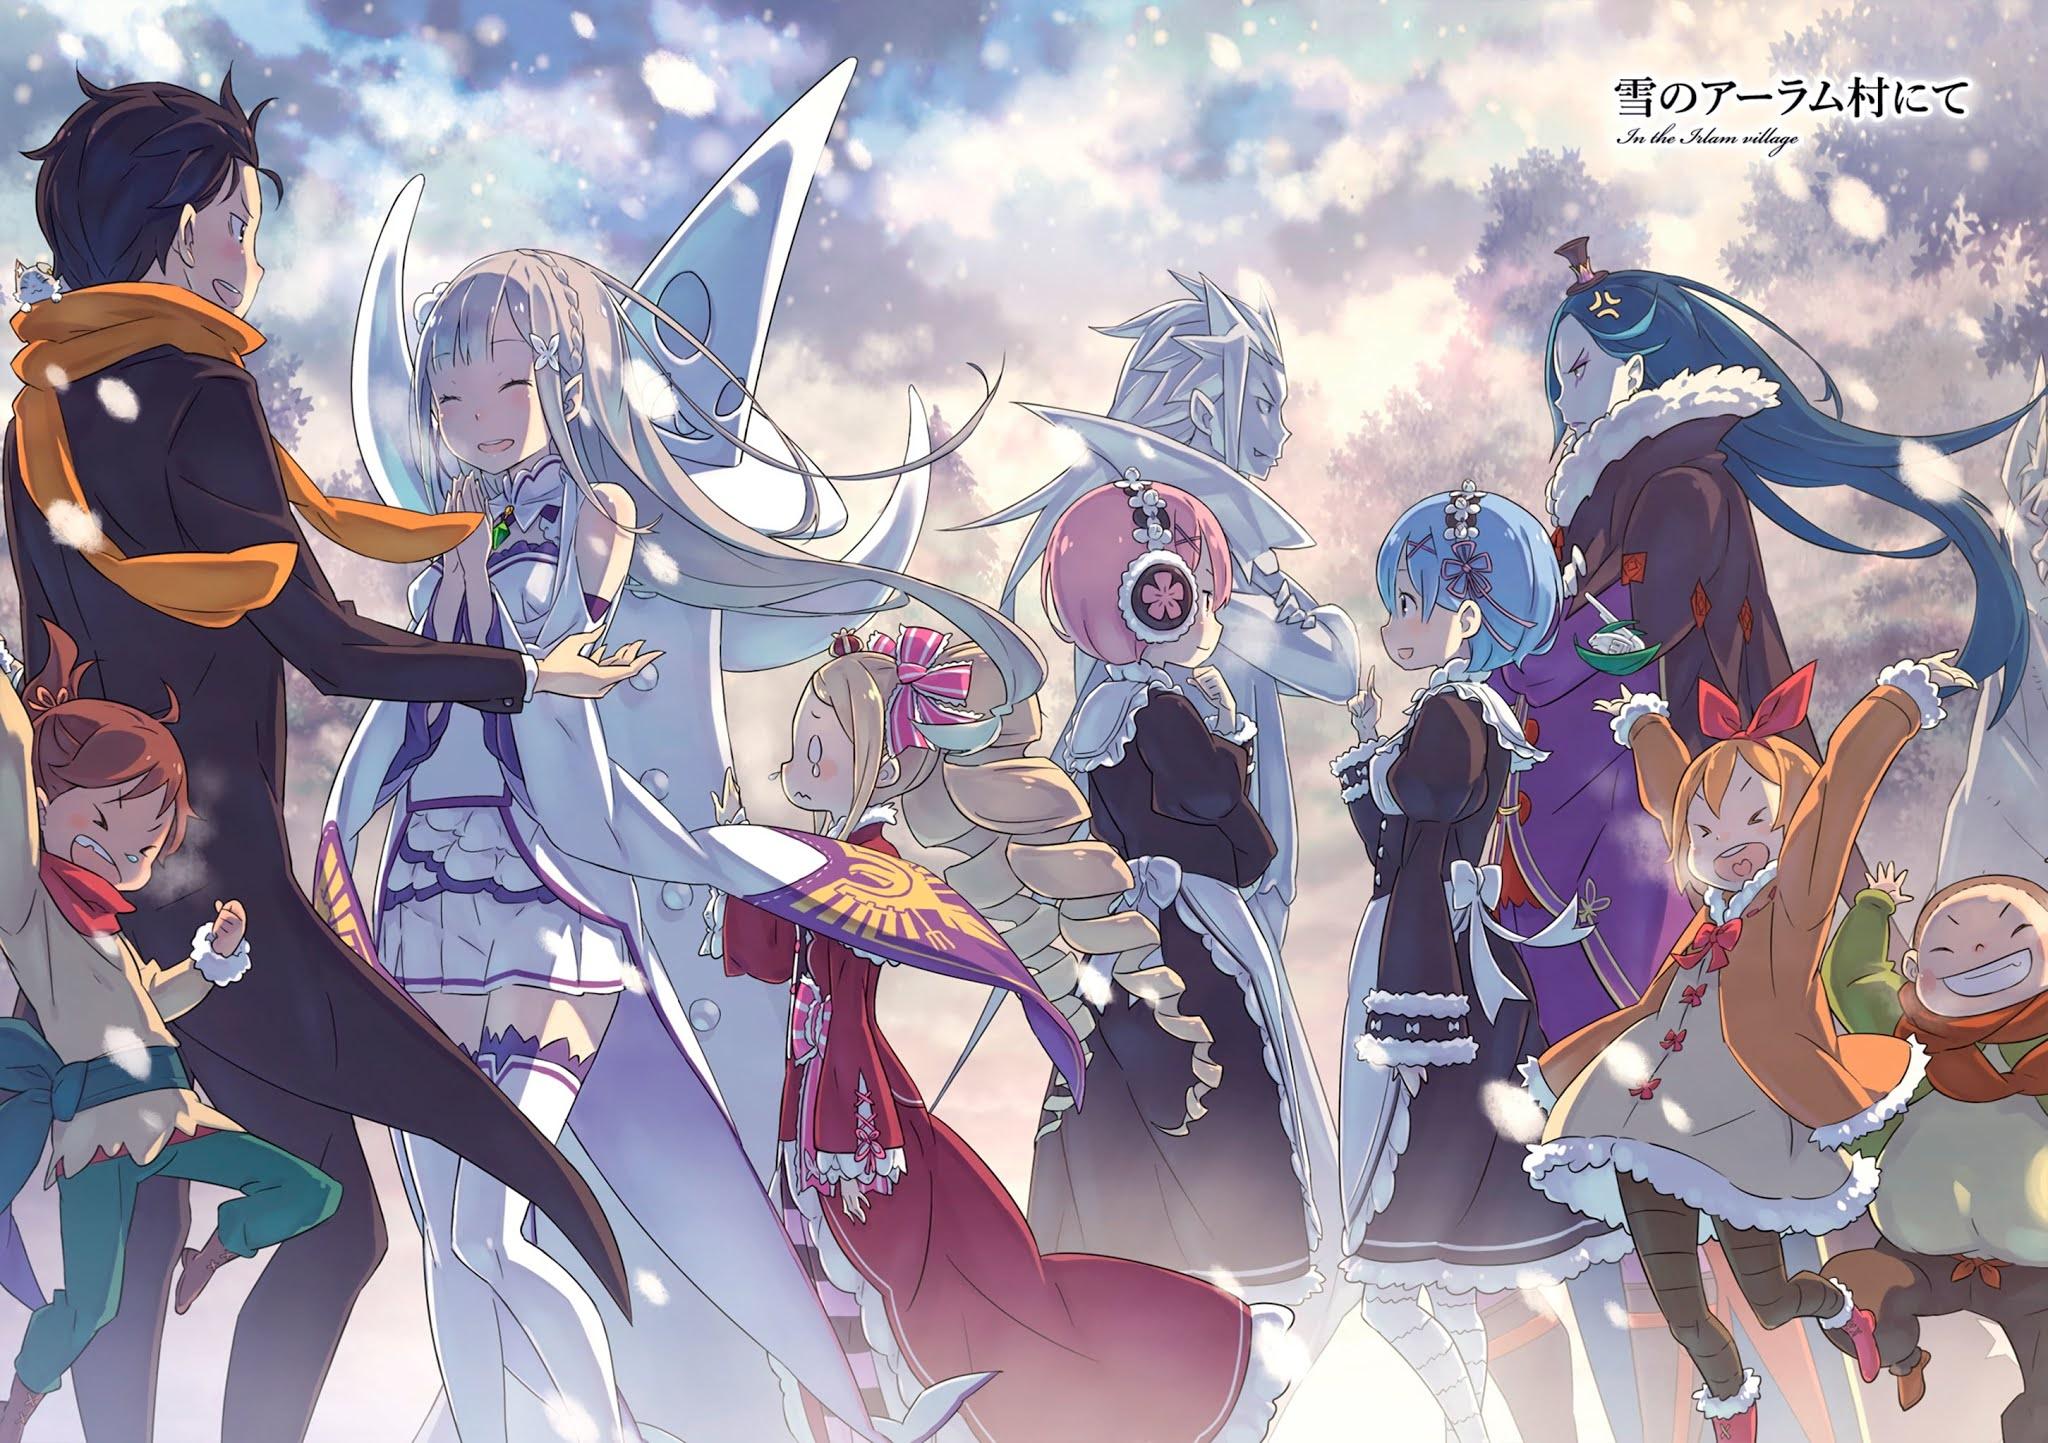 Re:Zero kara Hajimeru Isekai Seikatsu wallpaper